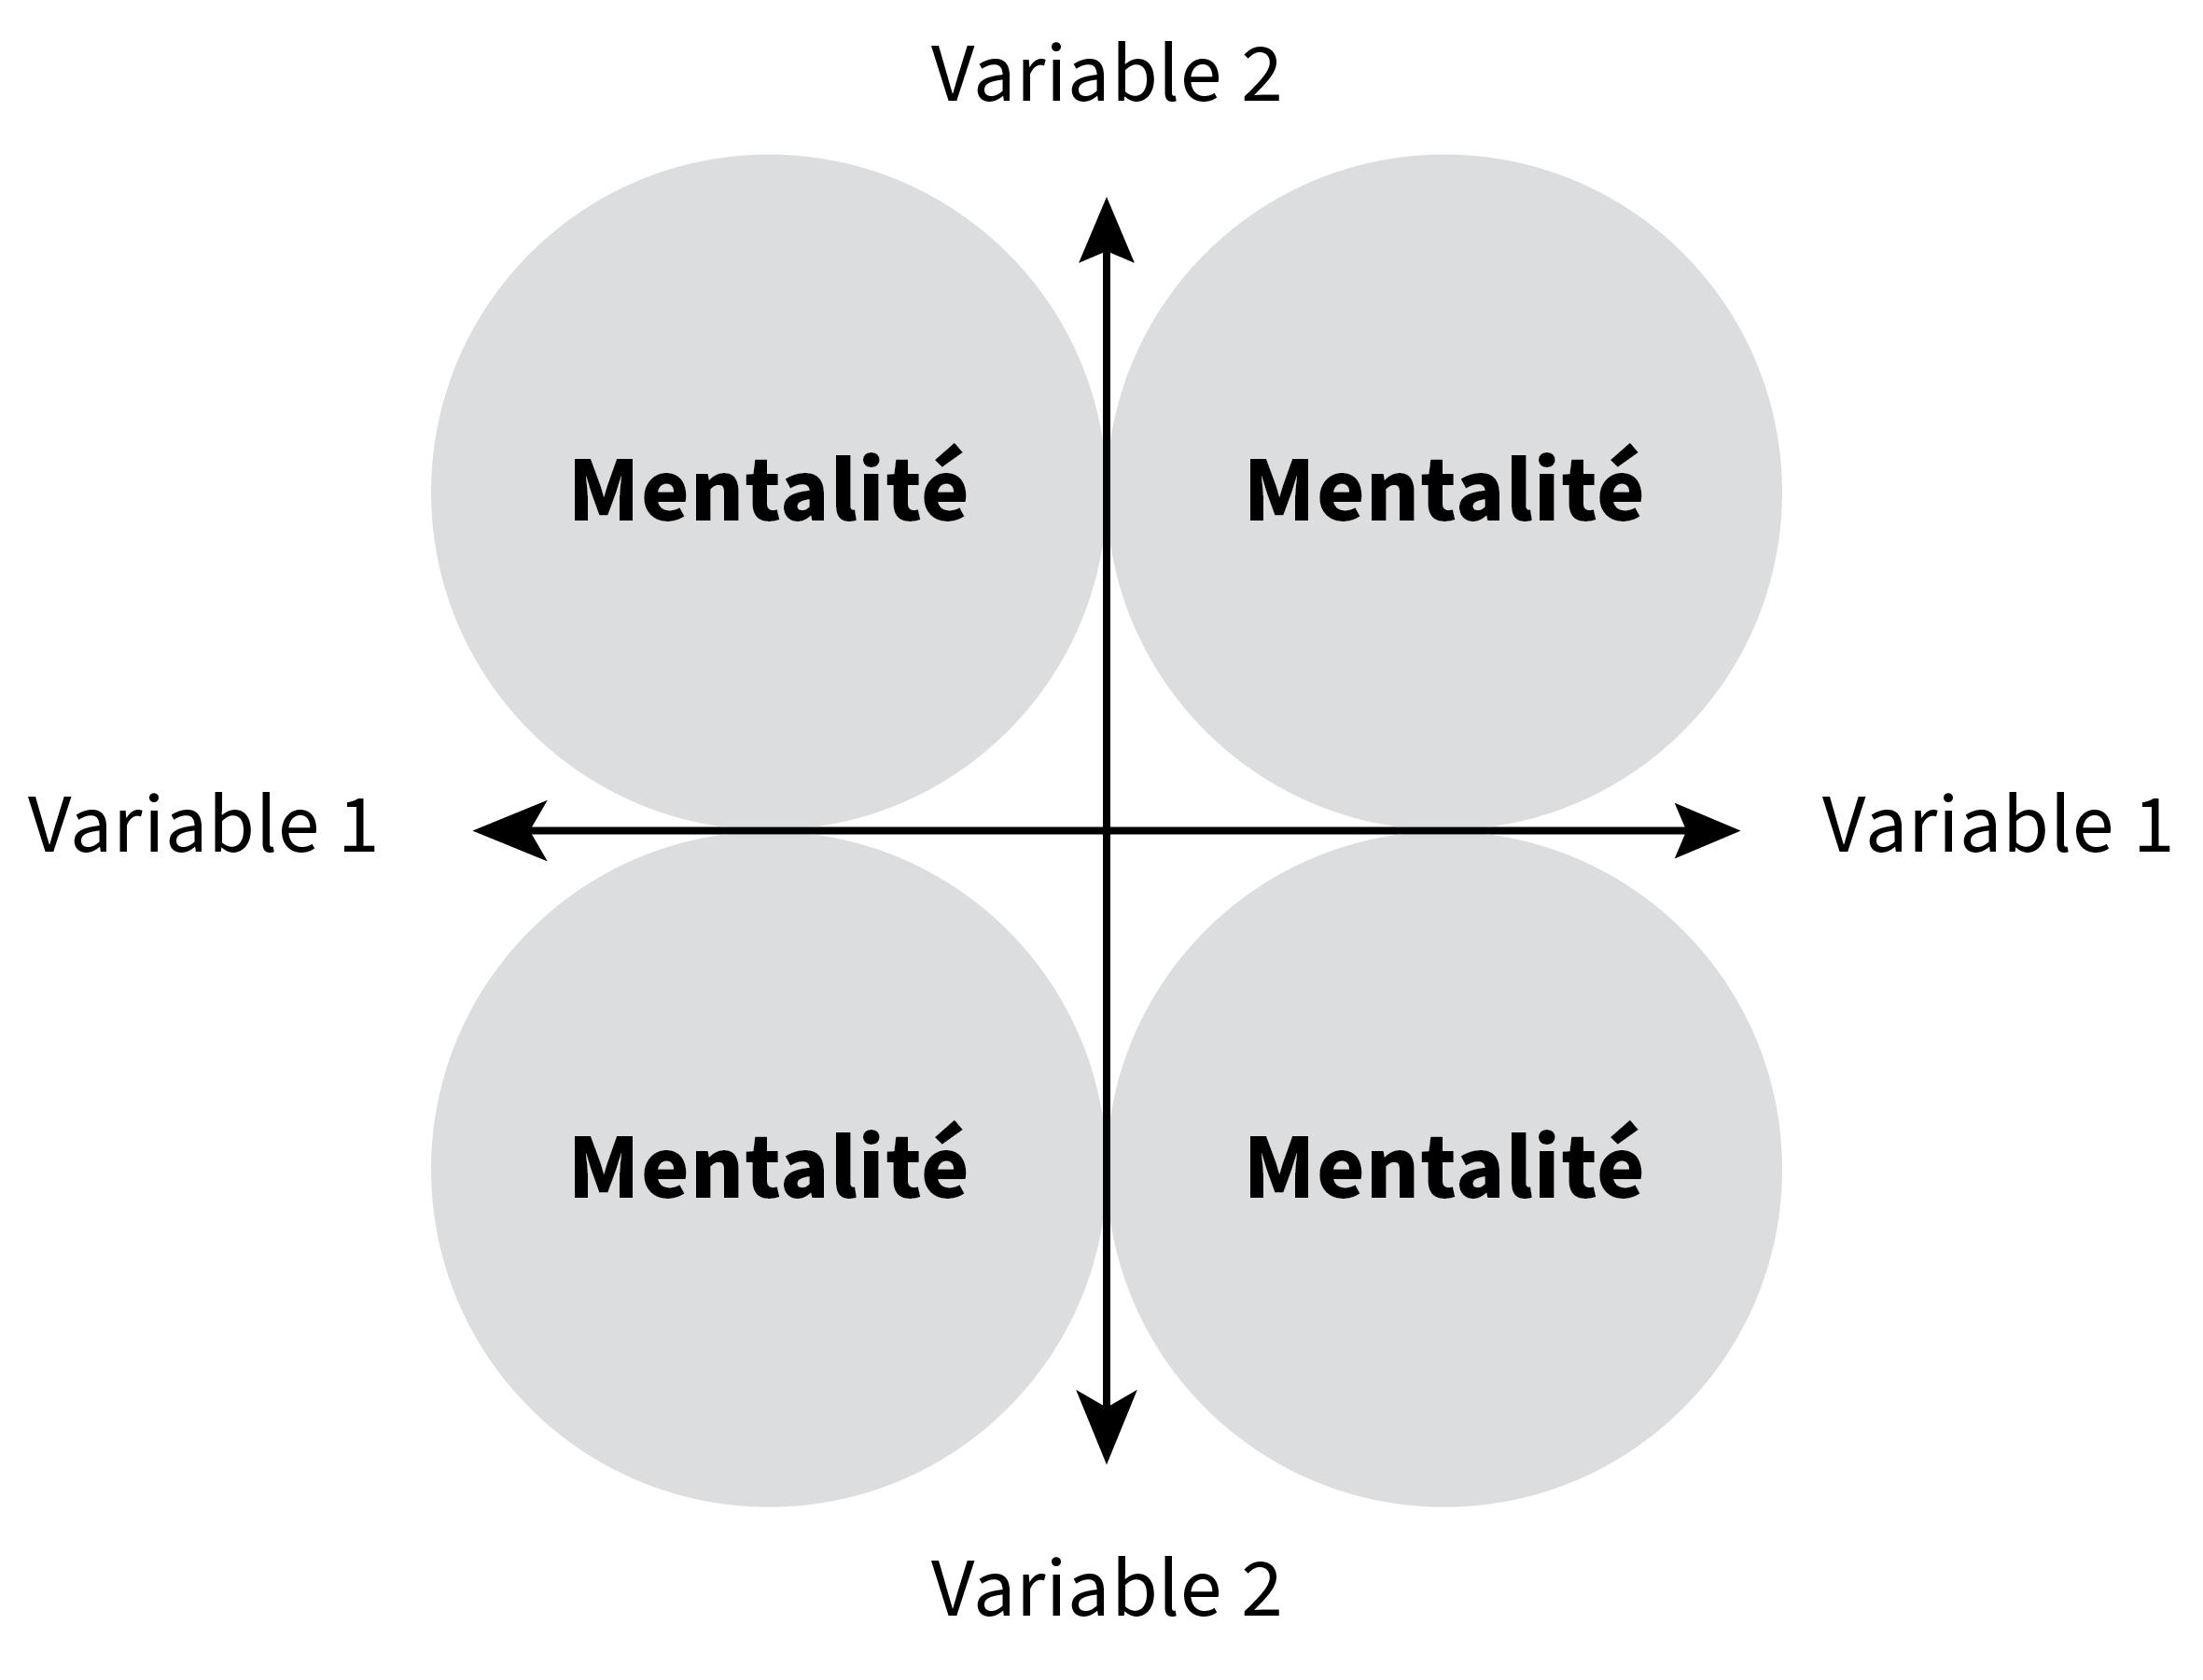 Un schéma à 4 quadrants. L'axe horizontal correspond à la variable 1, et l'axe vertical correspond à la variable 2. Chacun des quadrants comprend un cercle où il est écrit « Mentalité ».